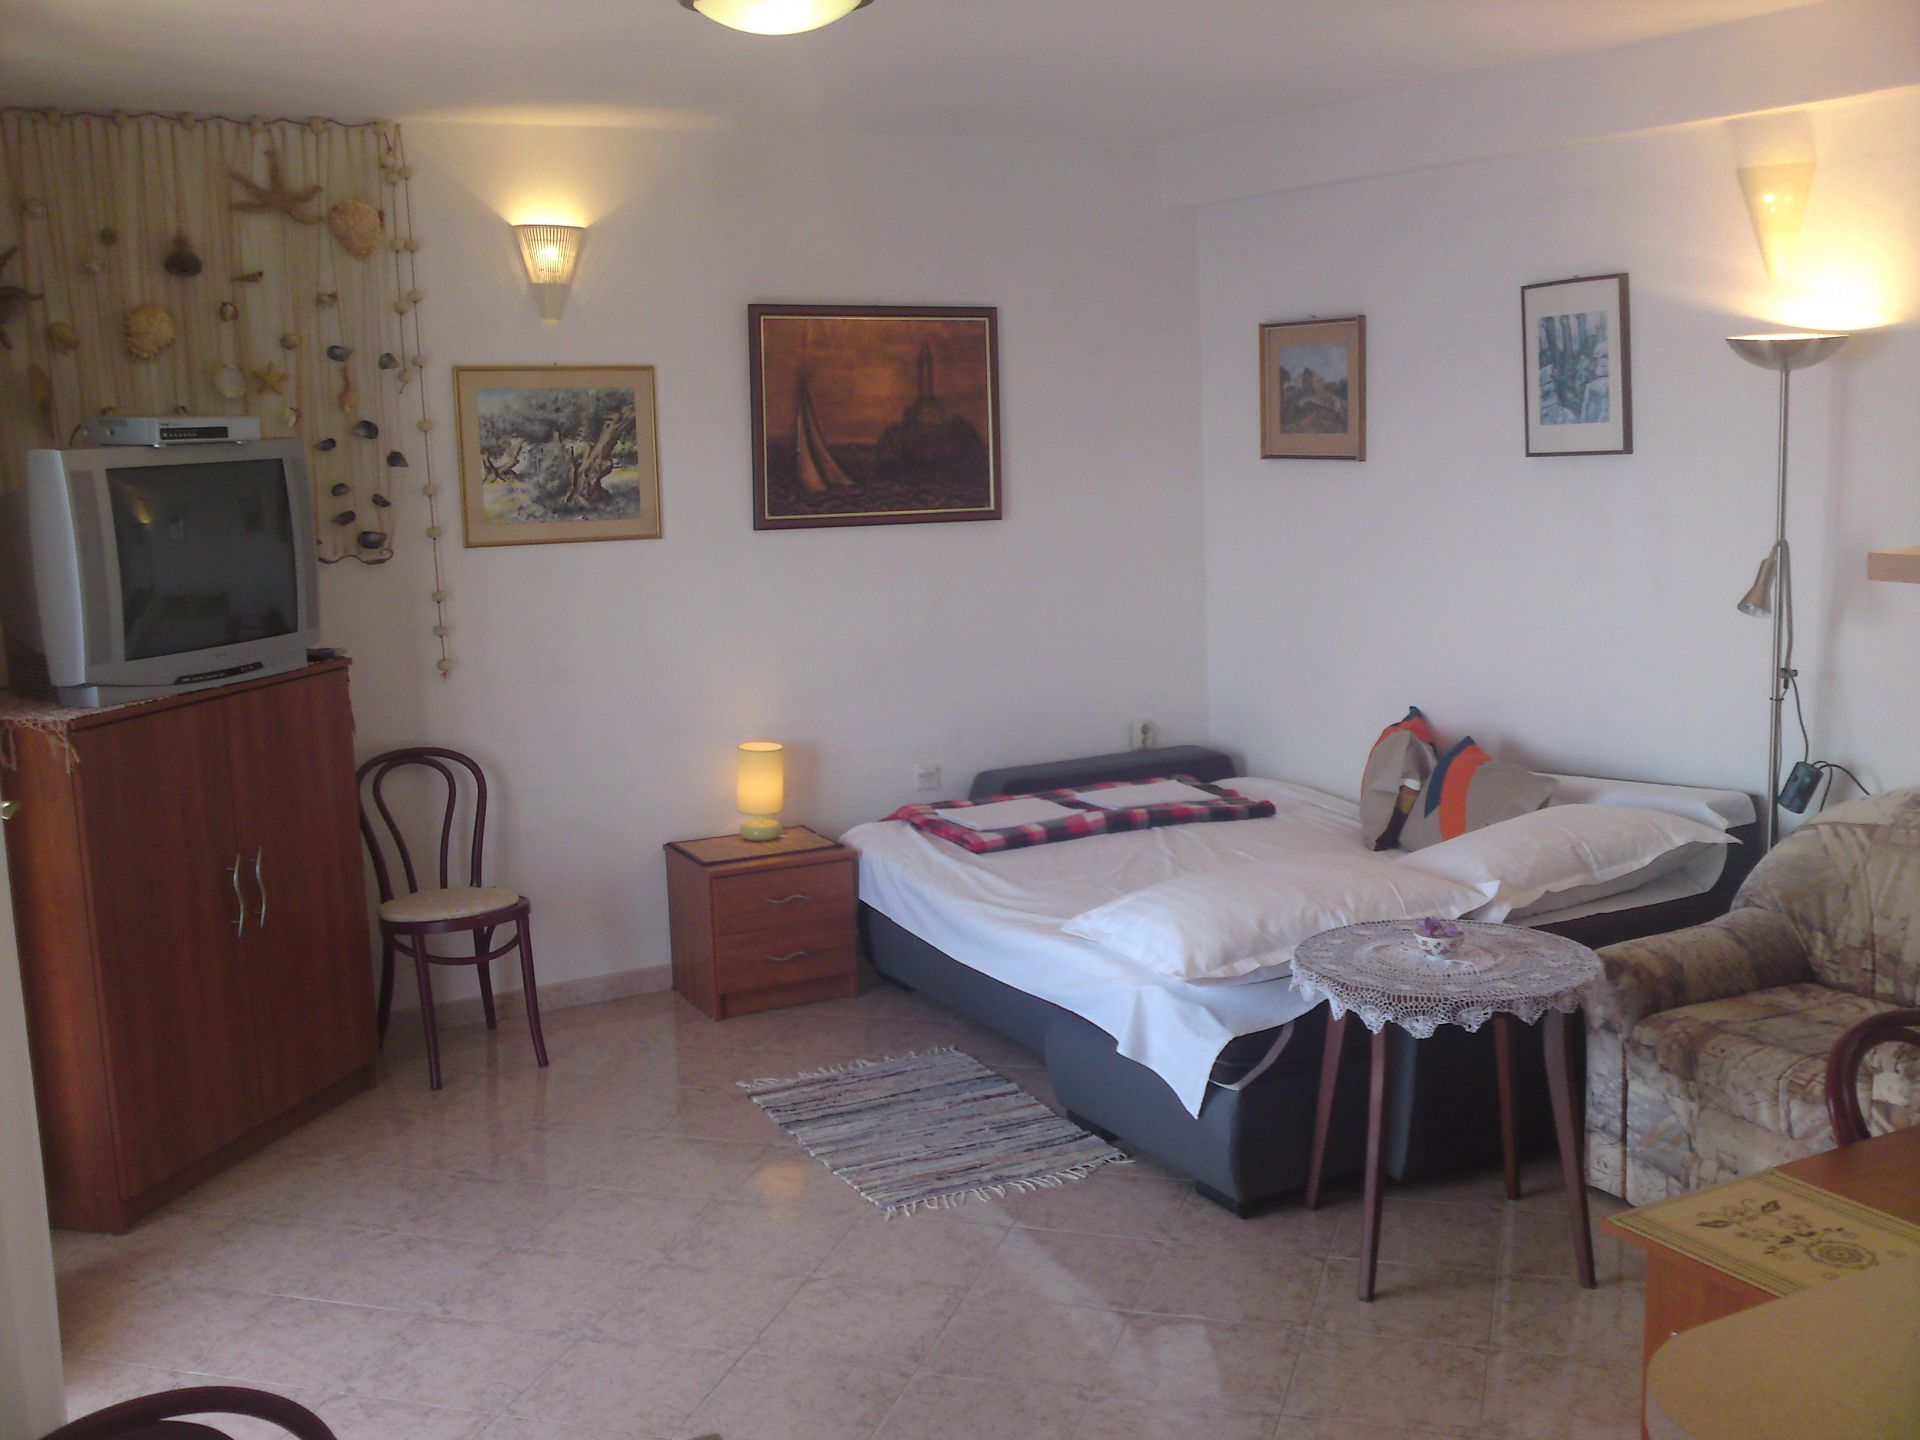 00209PISA  - Pisak - Ferienwohnungen Kroatien - A2 Istok (2+2): Tagesaufenthaltsraum